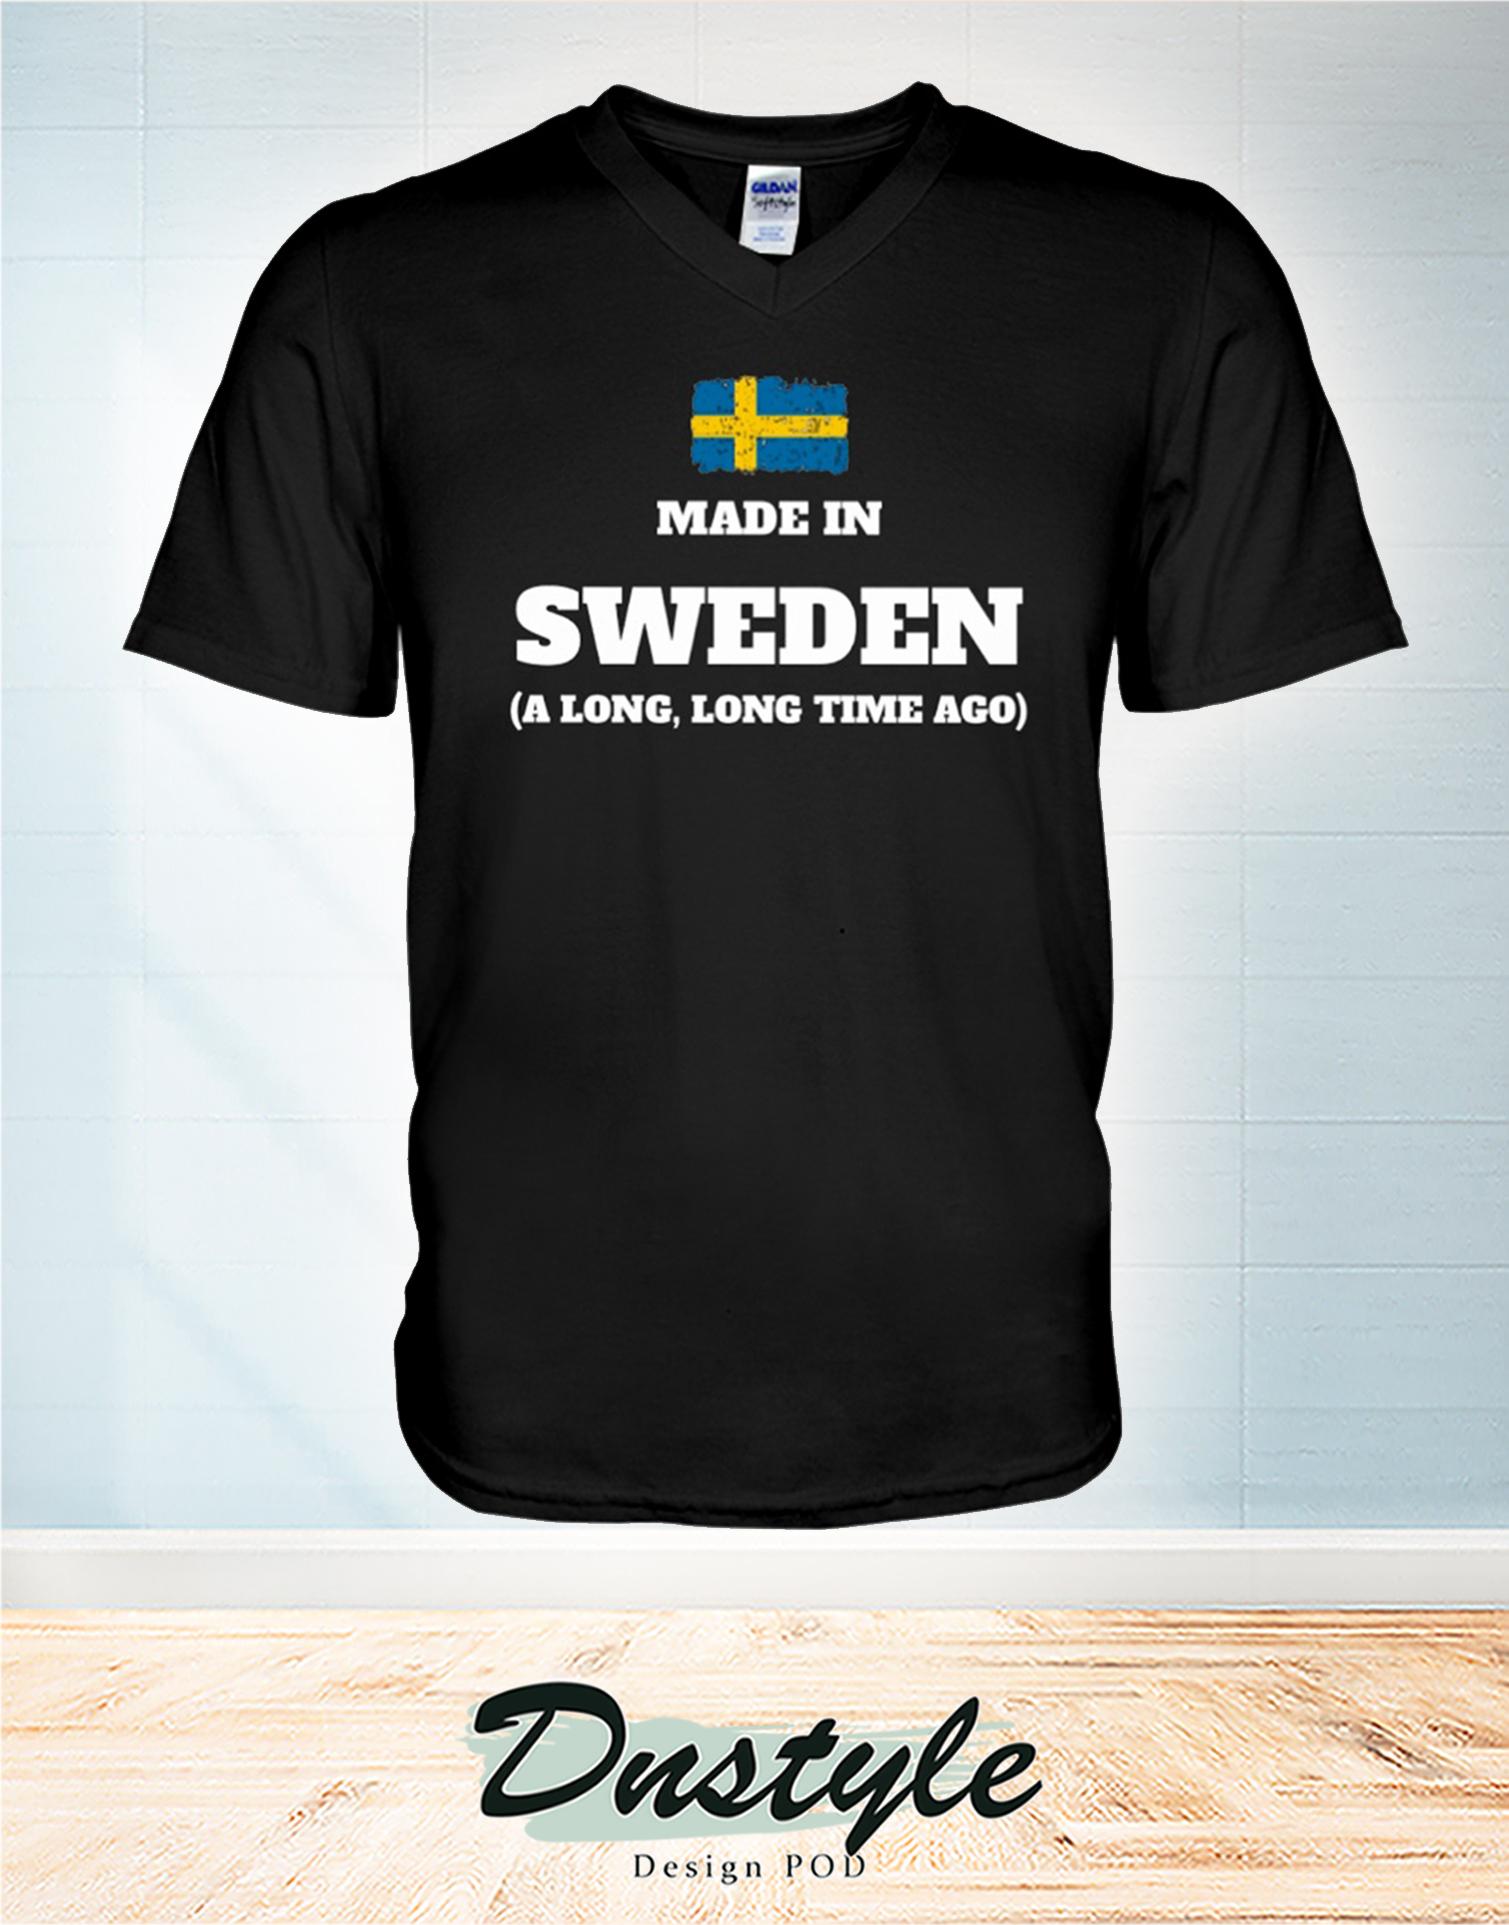 Made in sweaden a long long time ago v-necl